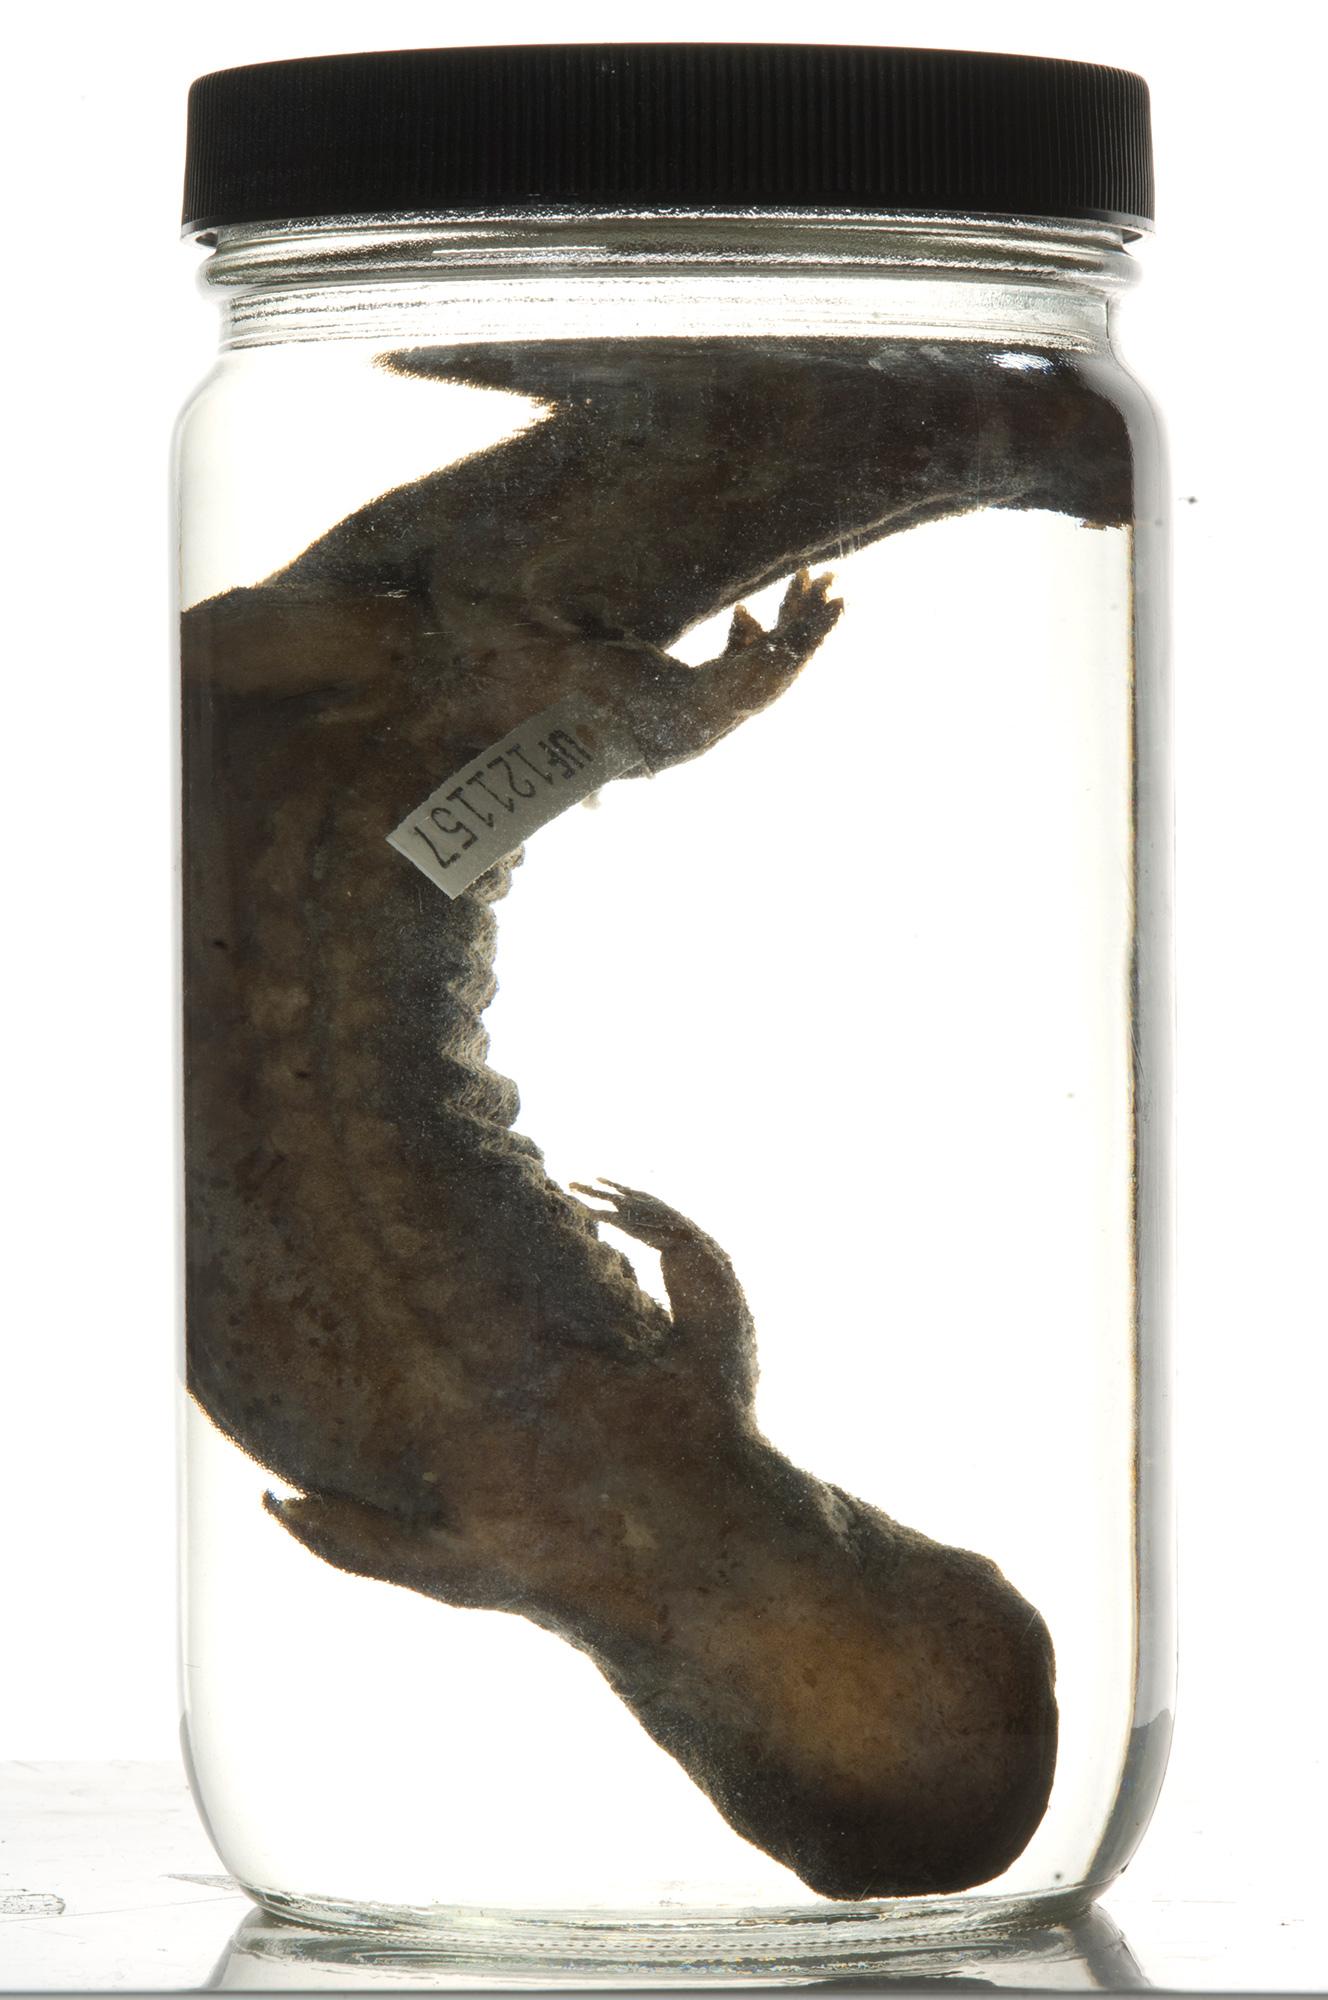 hellbender salamander specimen